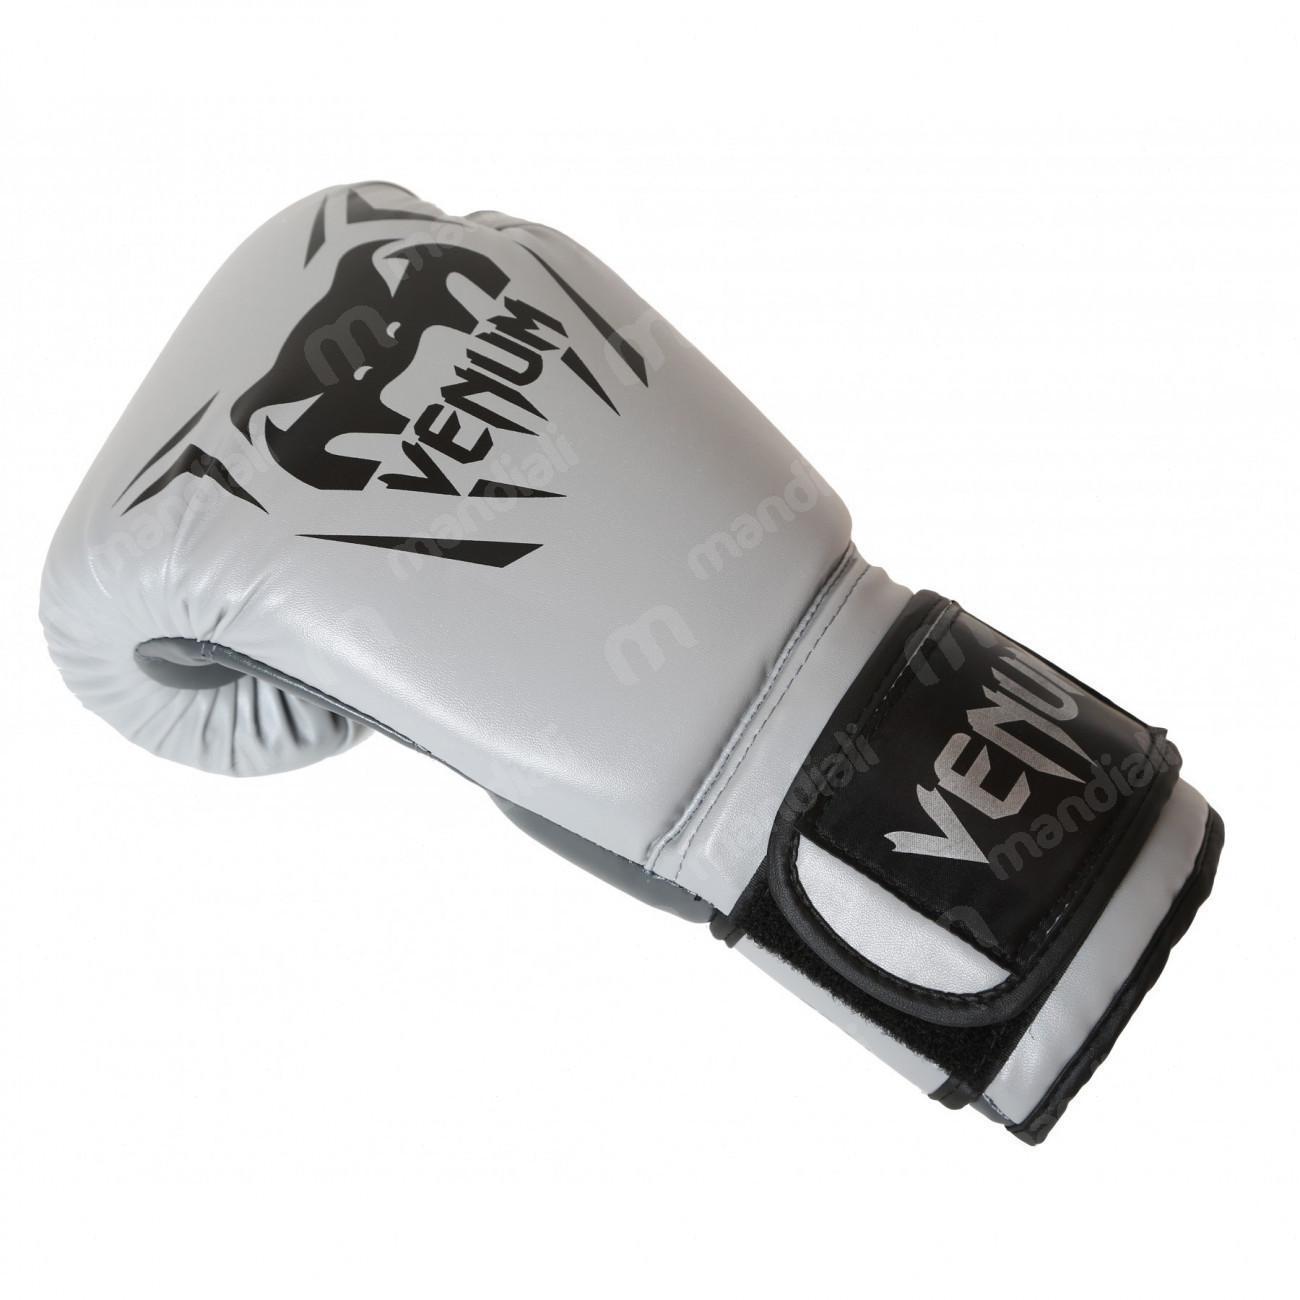 5658333f18 Luva de Boxe New Contender 16 Oz Cinza Venum - Luvas e Faixas para ...